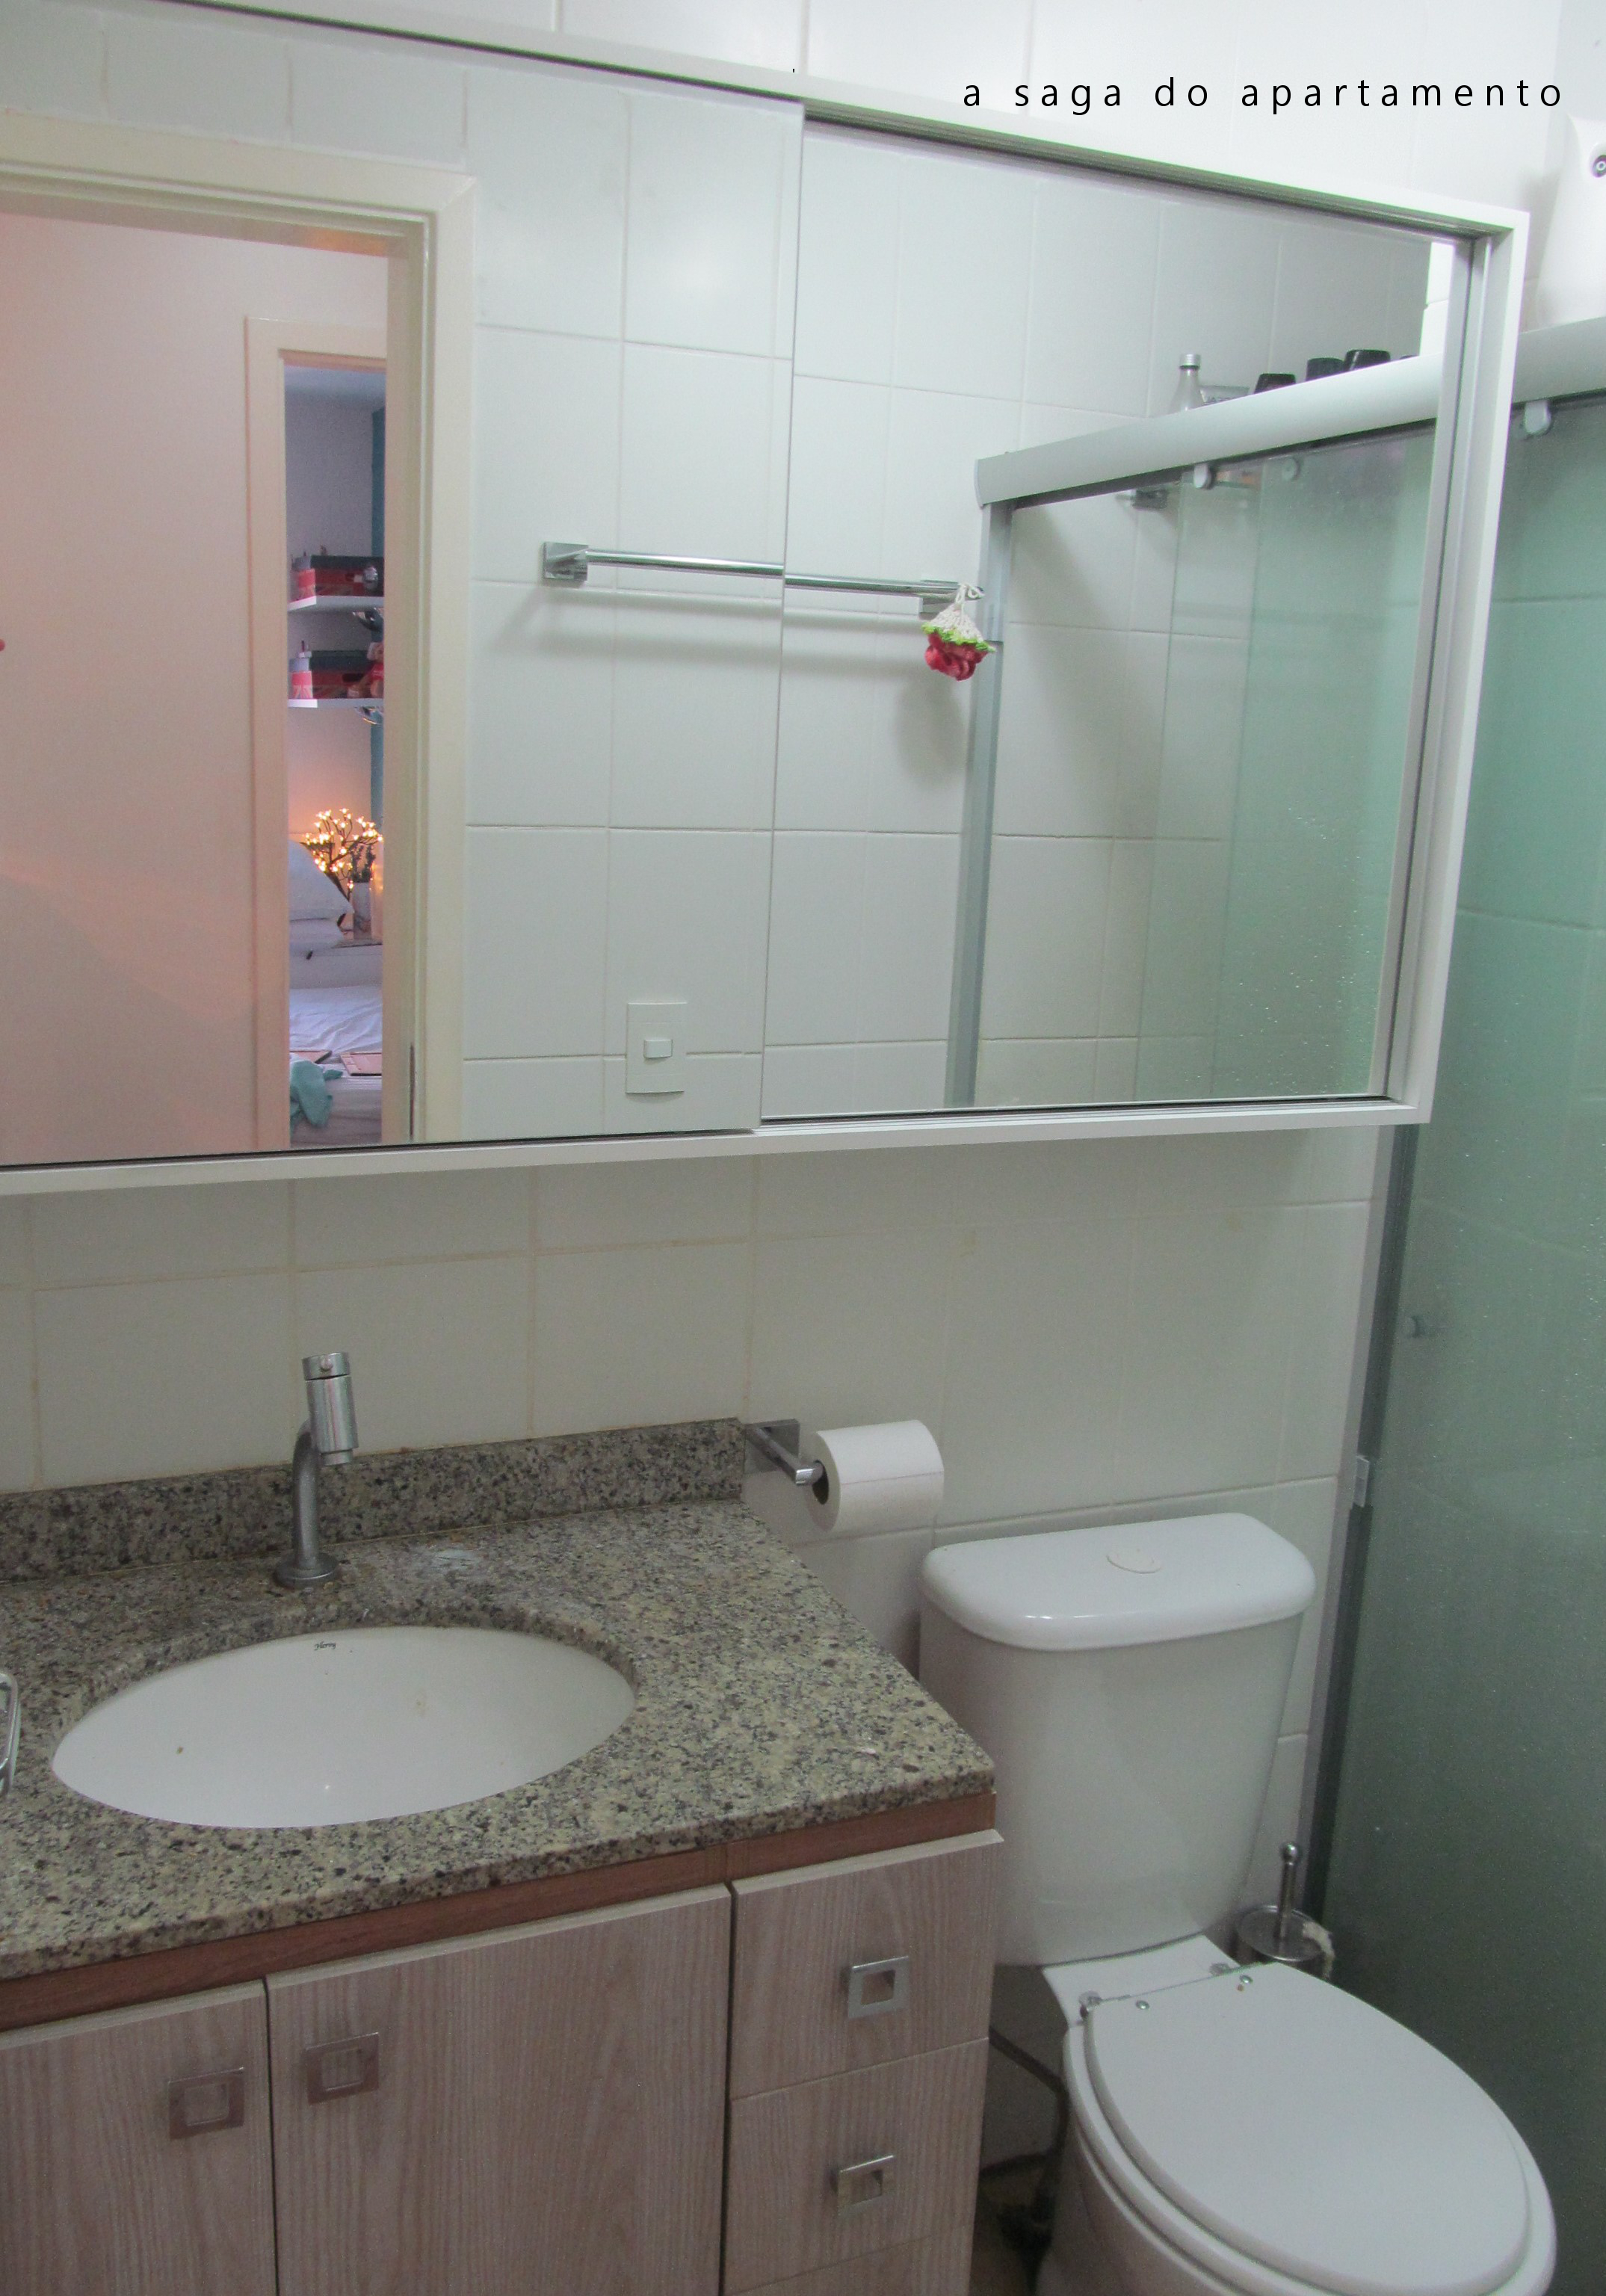 Saíram o espelho colado na parede os quadros acima do sanitário e  #745E57 2149x3072 Banheiro Azulejo Ate O Teto